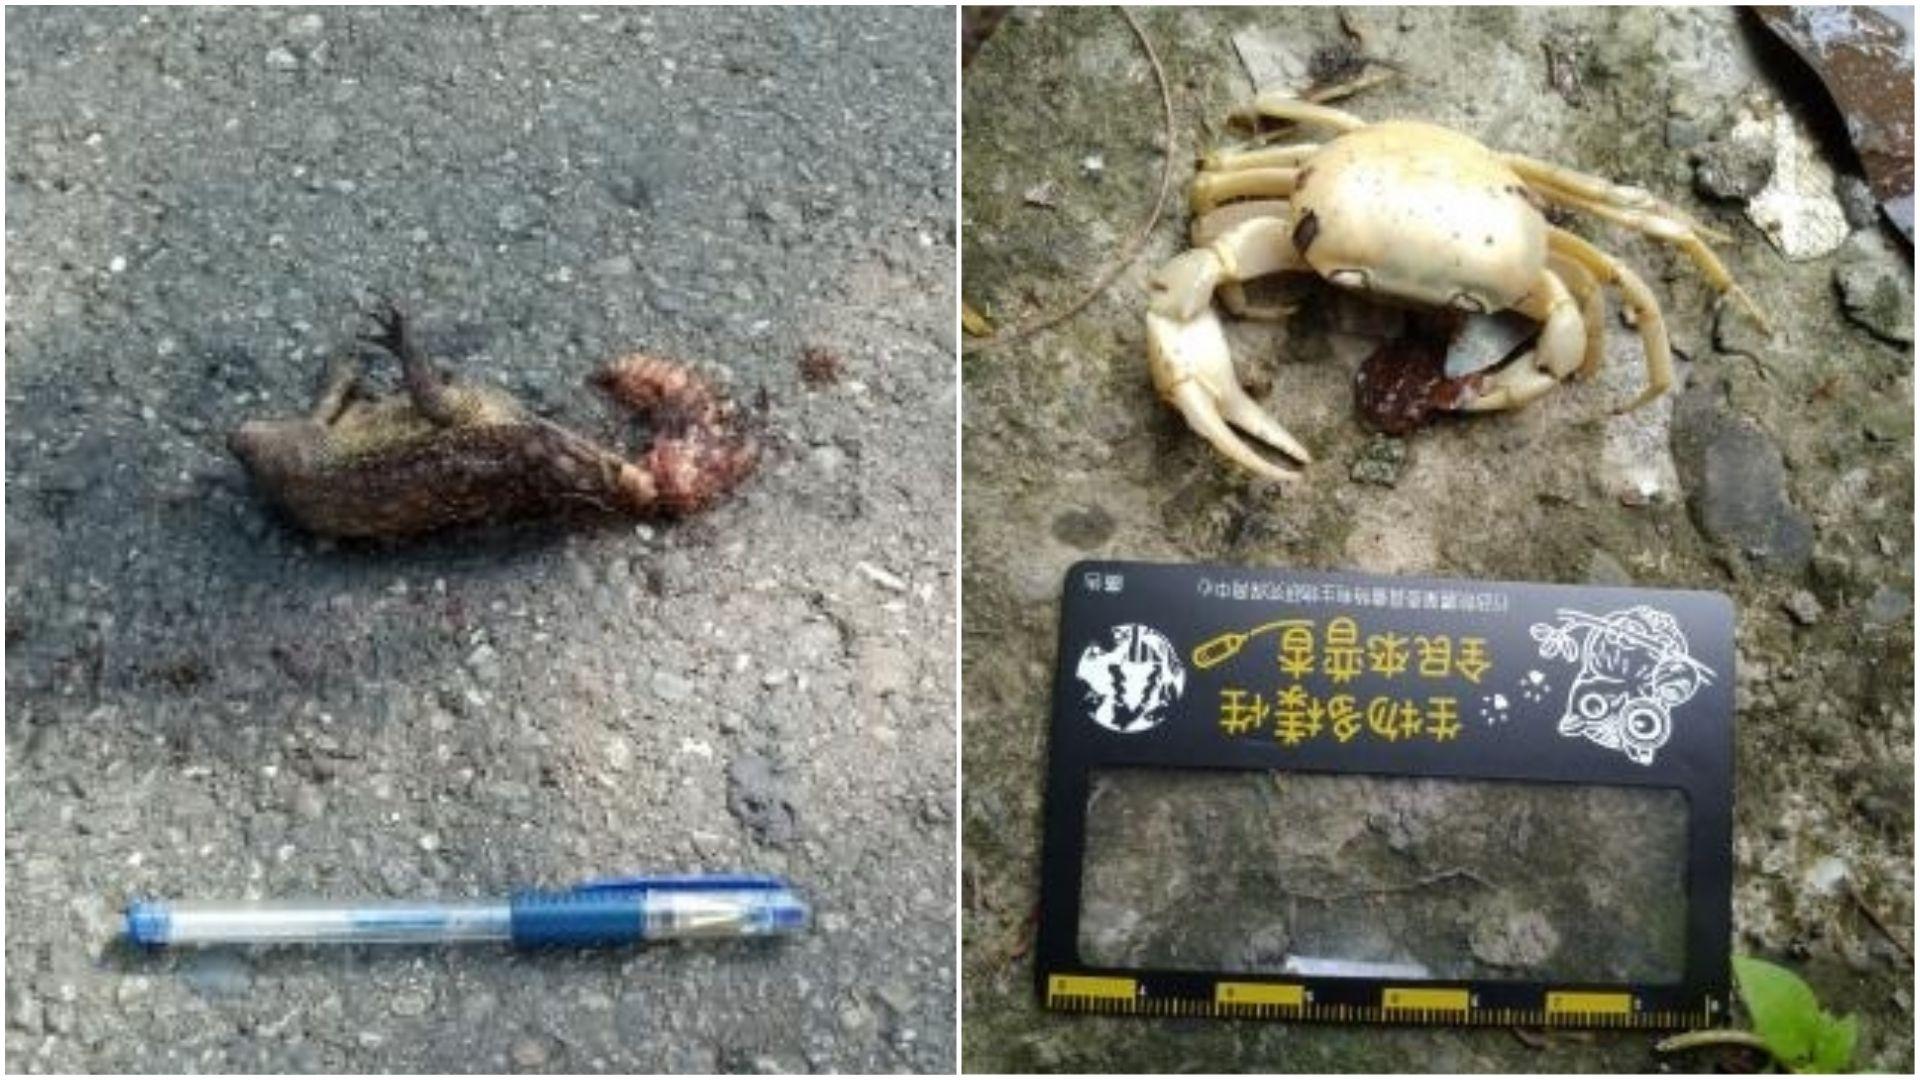 路殺社員們會將動物屍體拍照上傳資料庫,若是遇到完整的屍體,則會仔細包裝,送至特生中心供研究或做成標本。(圖/翻攝自台灣動物路死觀察網,攝影吳志立、海雲)